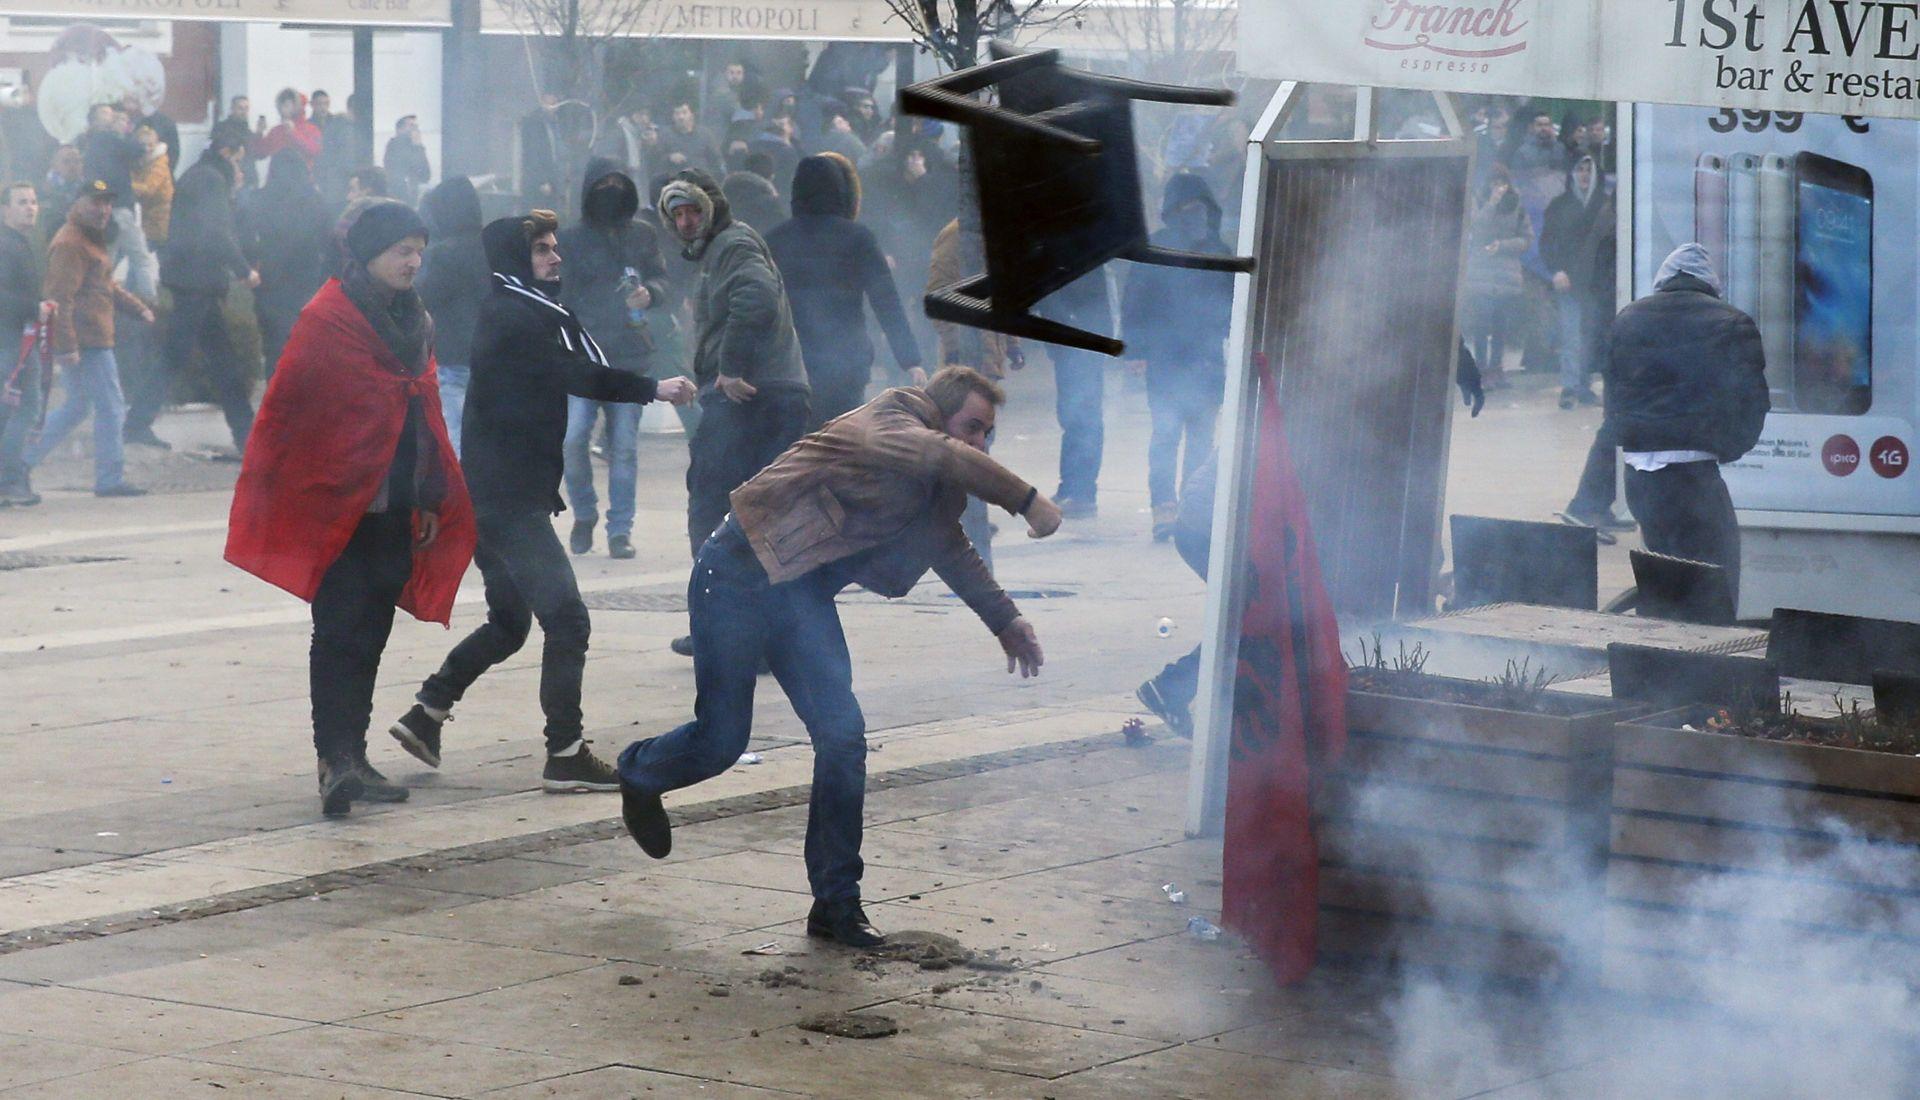 PROSVJEDI U PRIŠTINI: Ozlijeđeno 15 osoba, uhićena 24 prosvjednika